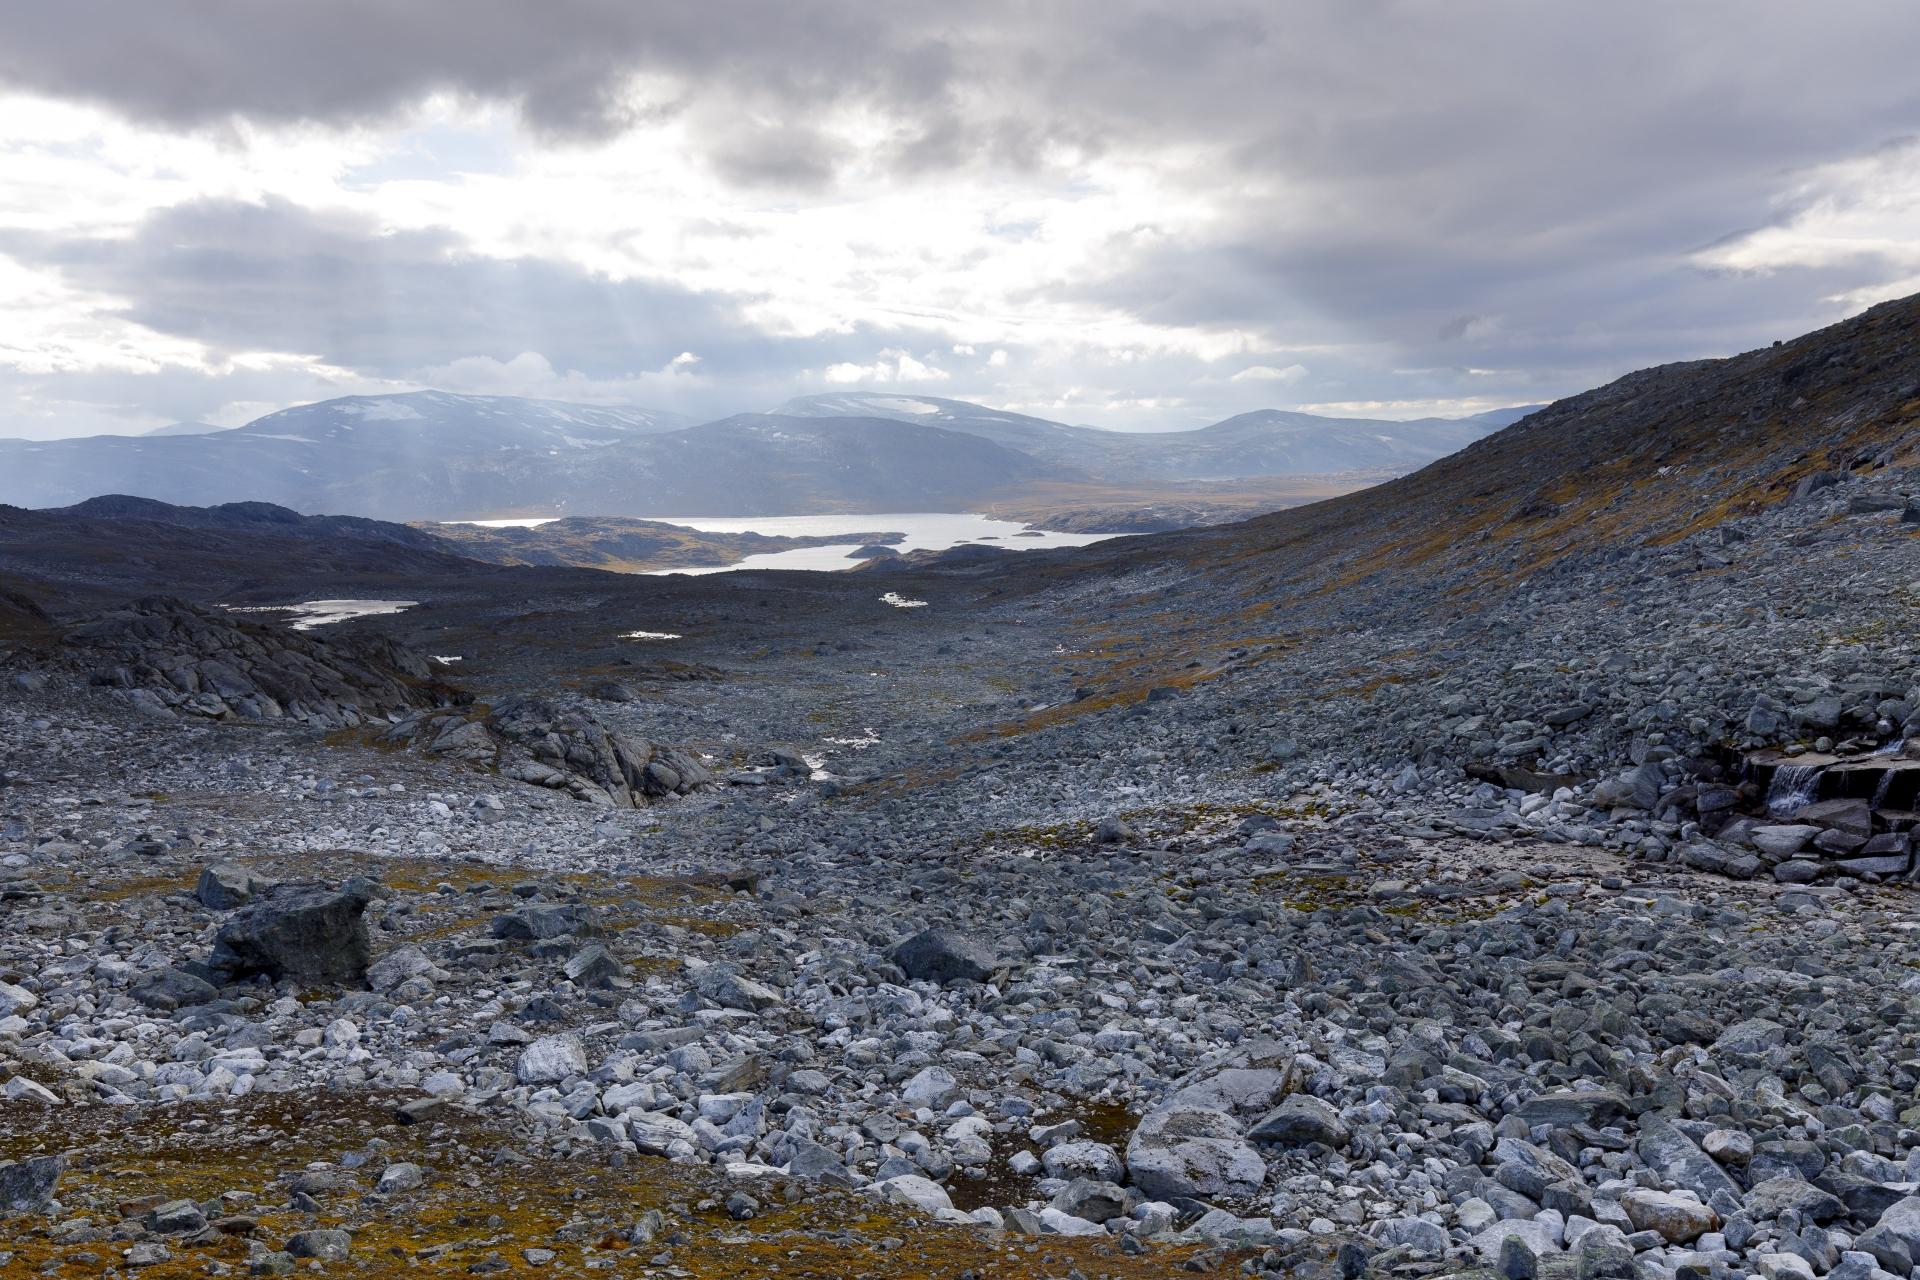 Ein letzter Blick zurück auf den Gautelisvatnet und den bisherigen Aufstieg ins Čáihnavagge